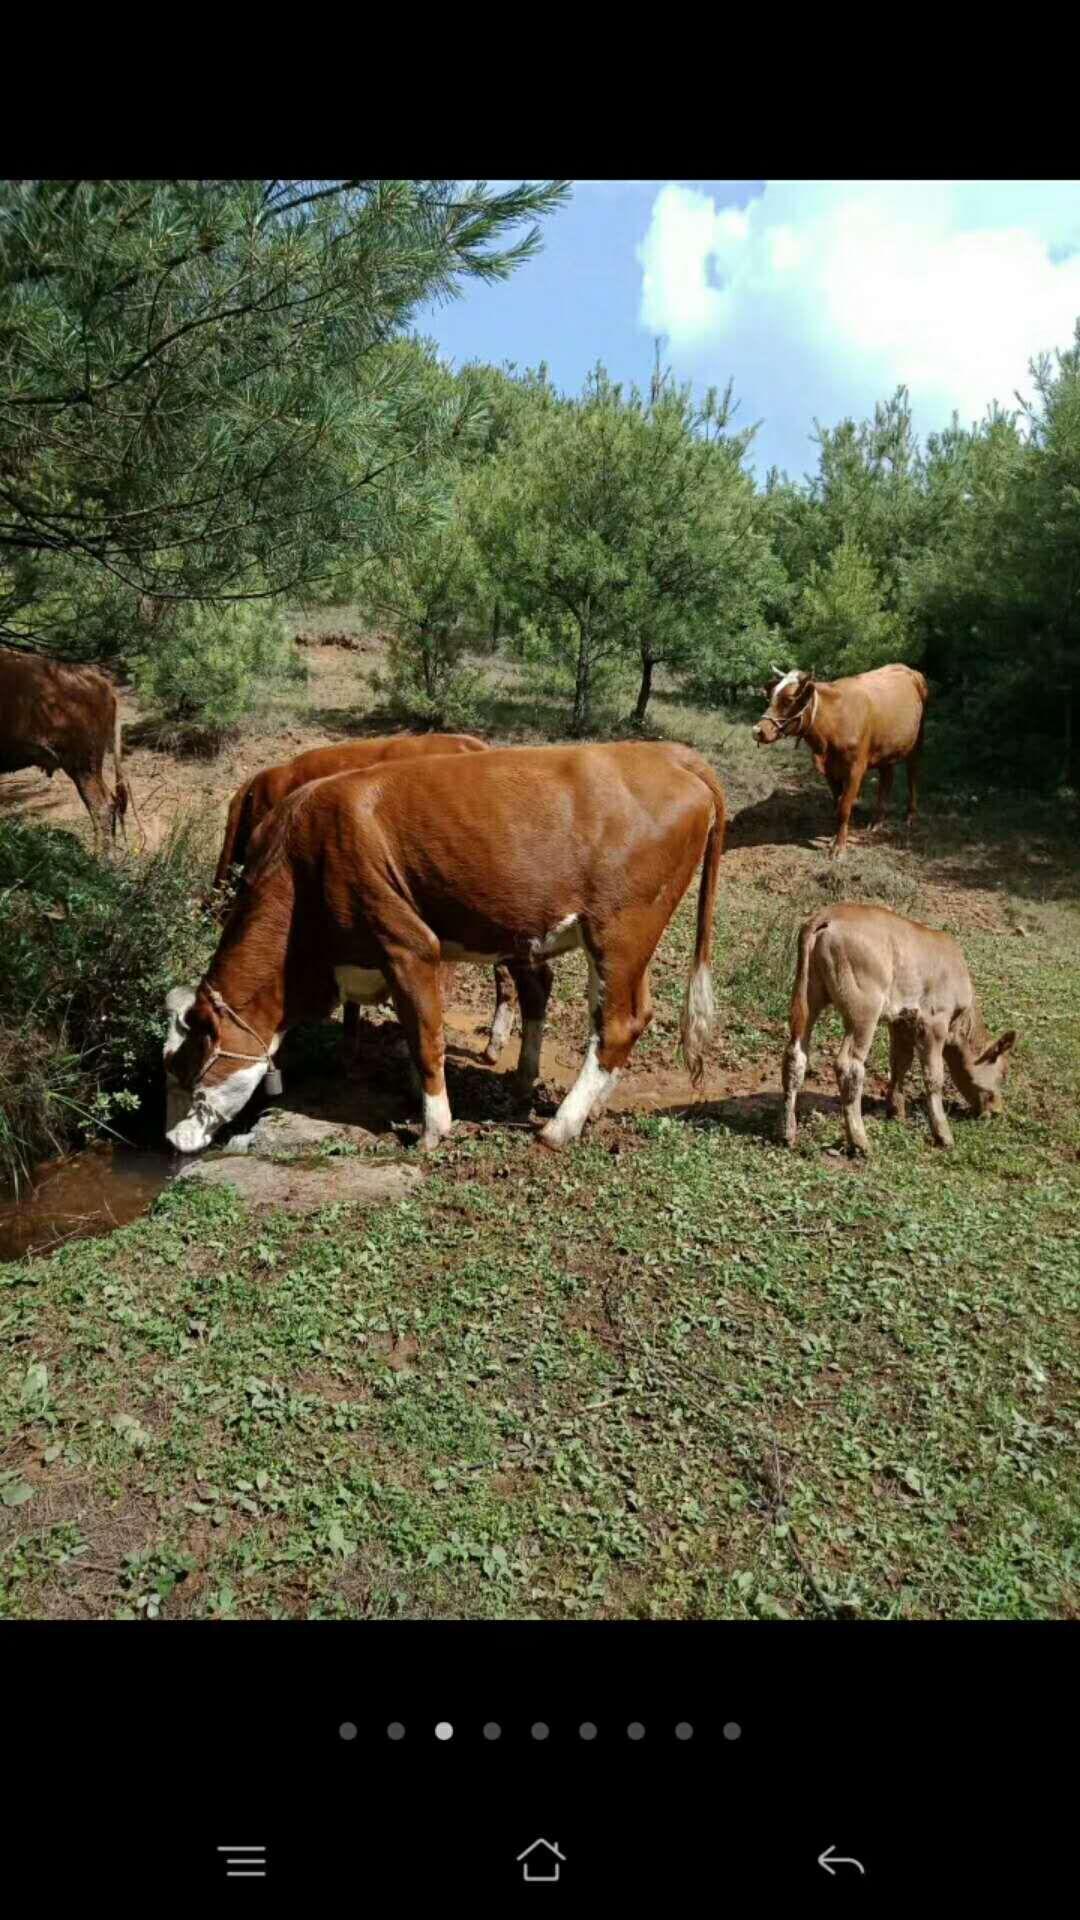 [牛肉类批发]牛肉类 生肉 价格45元/斤